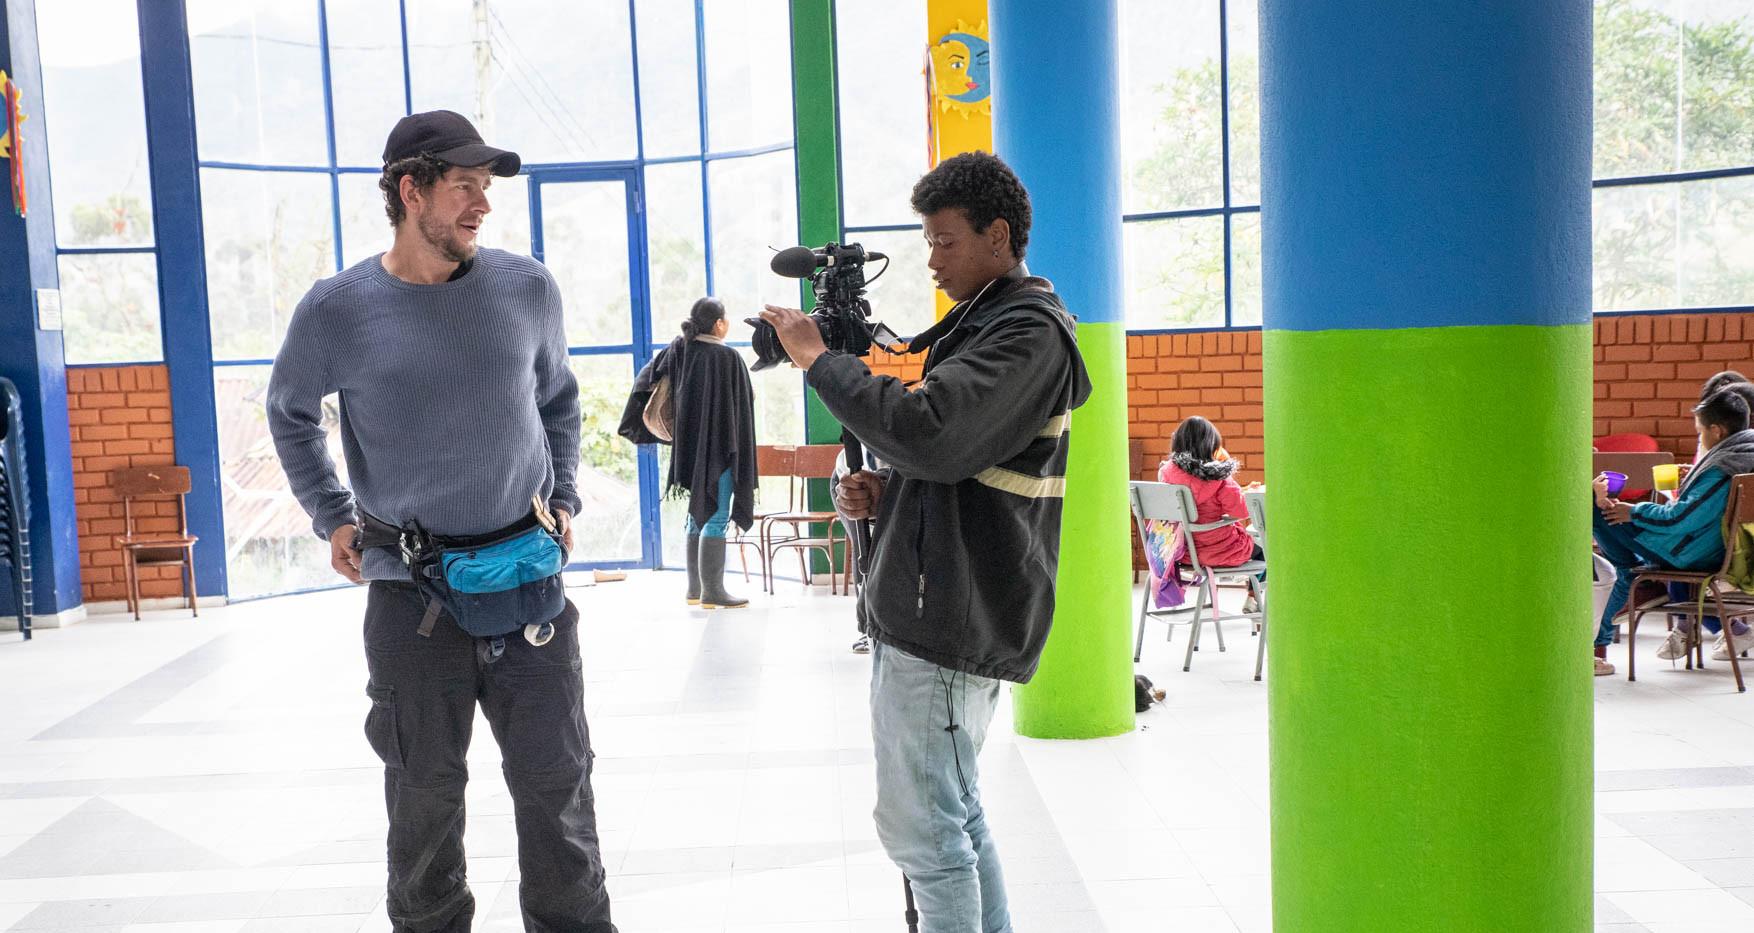 El protagonista Camilo explorando con la cámara.